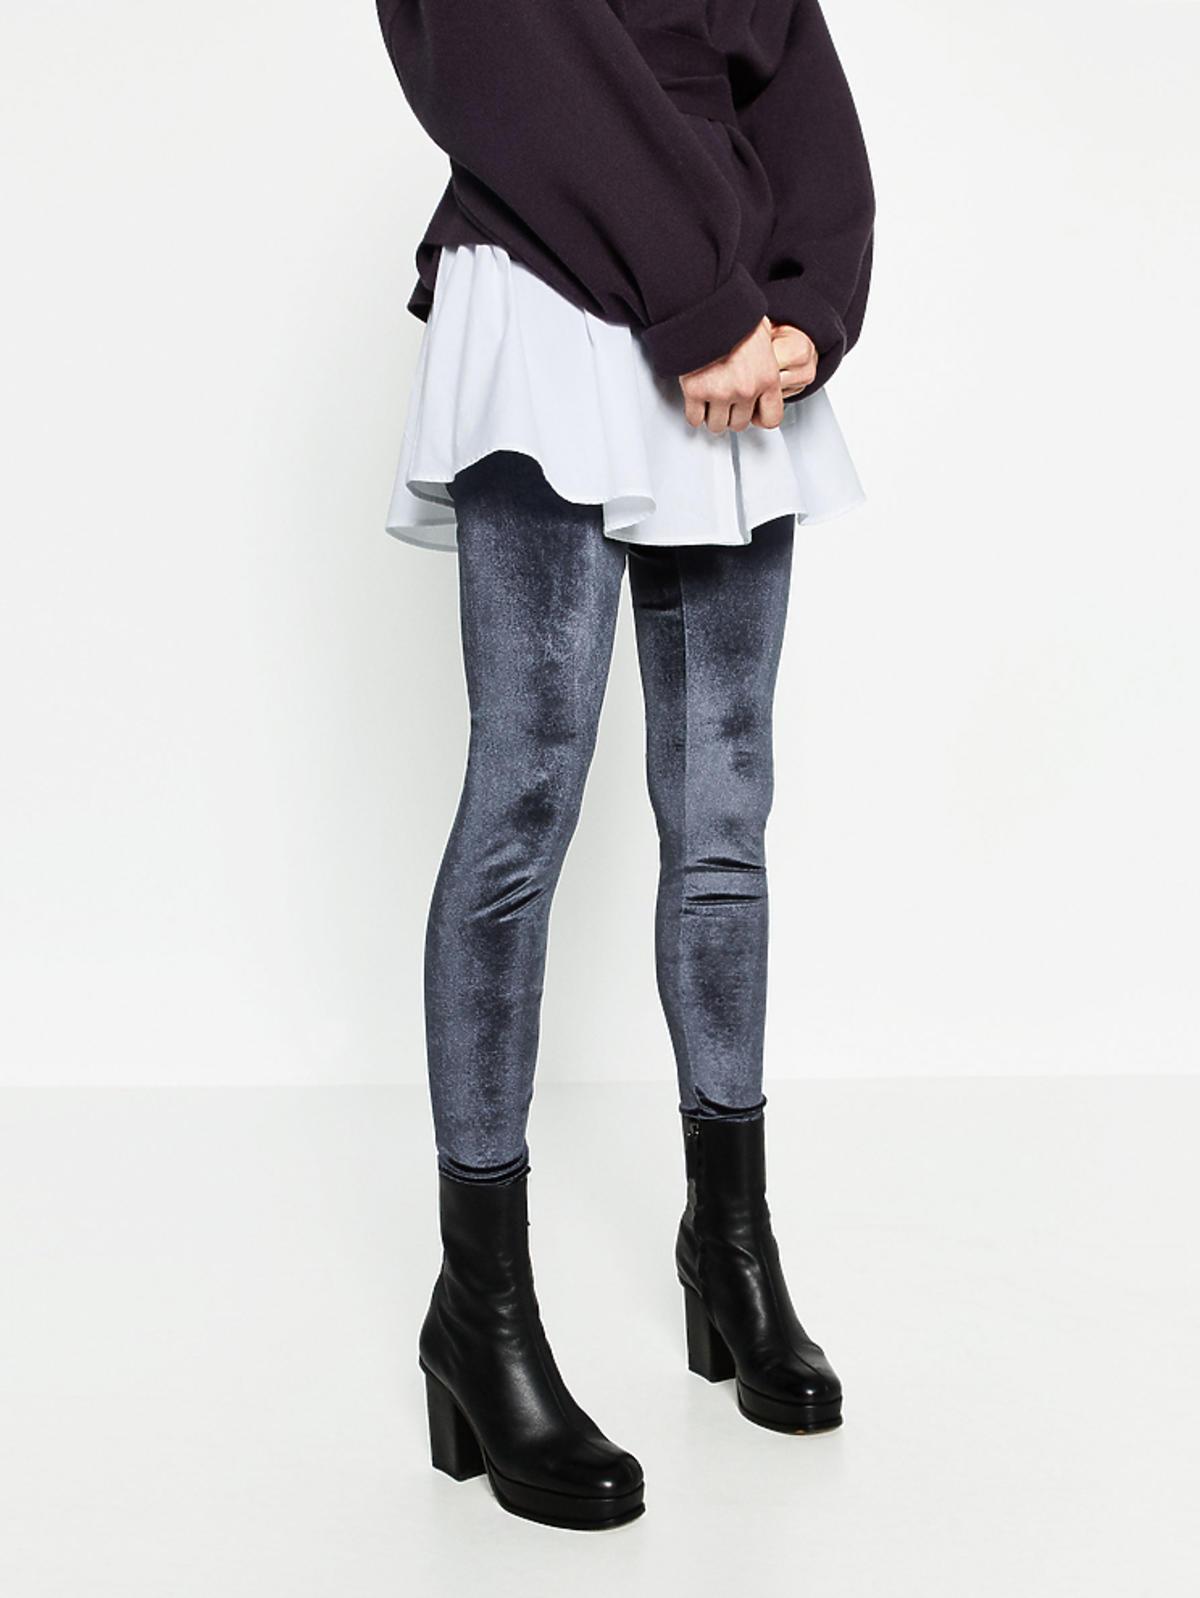 Wyprzedaż zimowa 2016: Aksamitne legginsy, Zara, przecenione z 69,90 zł na 39,90 zł